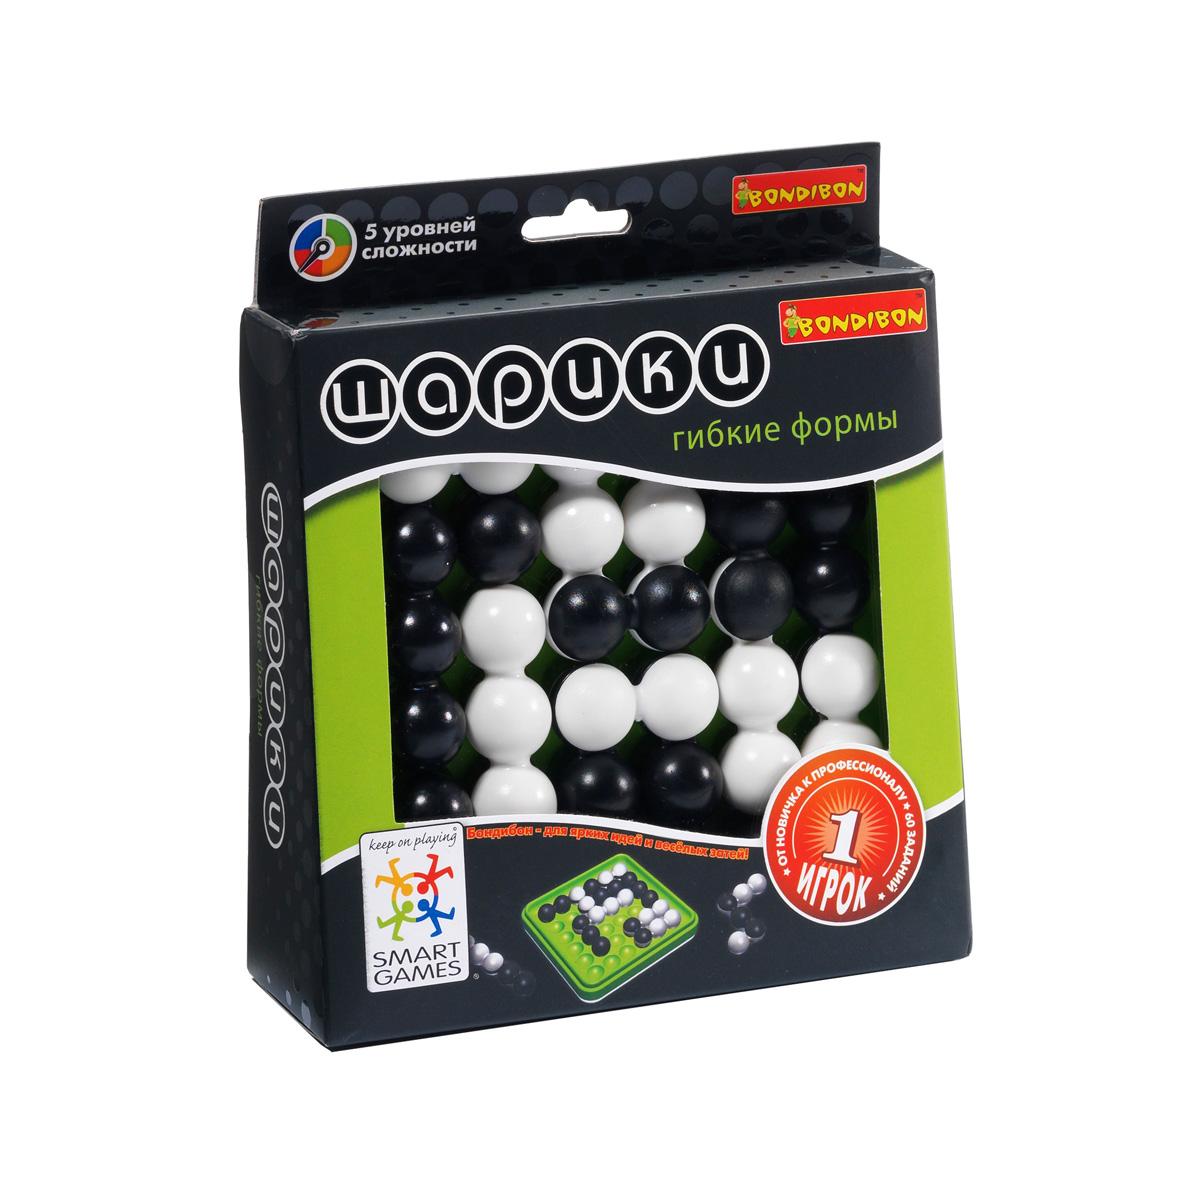 Логическая игра Bondibon SmartGames ШарикиВВ0898Логическая игра Bondibon SmartGames Шарики- это отличное интеллектуальное развлечение. Задача игрока - расположить на игровом поле черные и белые шарики таким образом, чтобы получившийся рисунок совпал с заданием. Монохромные черно-белые шарики, как живые, меняют форму и положение в пространстве, и вам придется немало потрудиться, чтобы соединить их. Игра имеет 5 уровней сложности. Решать эту логическую головоломку могут и дети, и взрослые. Погрузитесь в абстрактный черно-белый мир волшебных шариков вместе со своим ребенком! И не забывайте, что помимо очевидной пользы для интеллектуального развития ребенка, вы прекрасно проведете время! В комплект входят: буклет с 60 заданиями с ответами, игровое поле, 6 элементов с шариками, правила игры на русском языке. Игра развивает логическое мышление, скорость принятия решений, мелкую моторику, а также тренирует память.